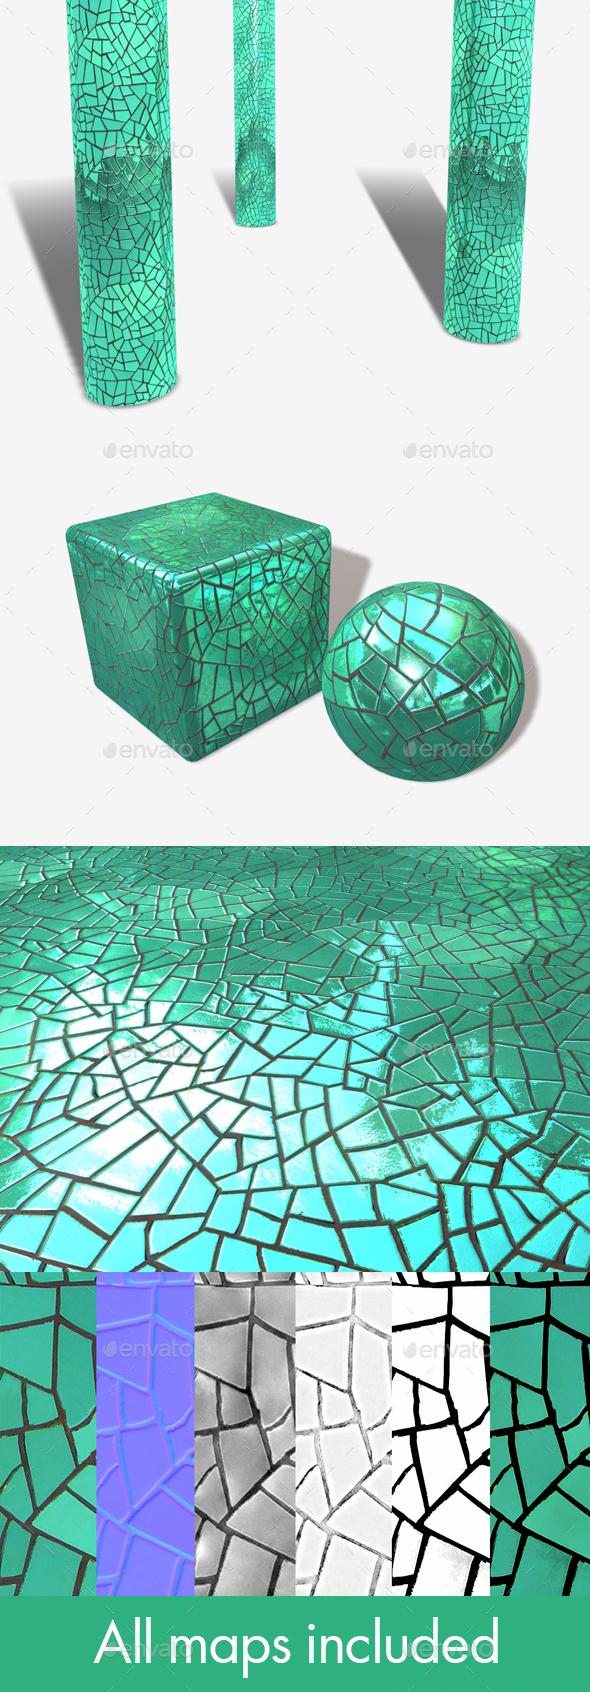 3DOcean Green Mirror Mosaic Seamless Texture 20319476